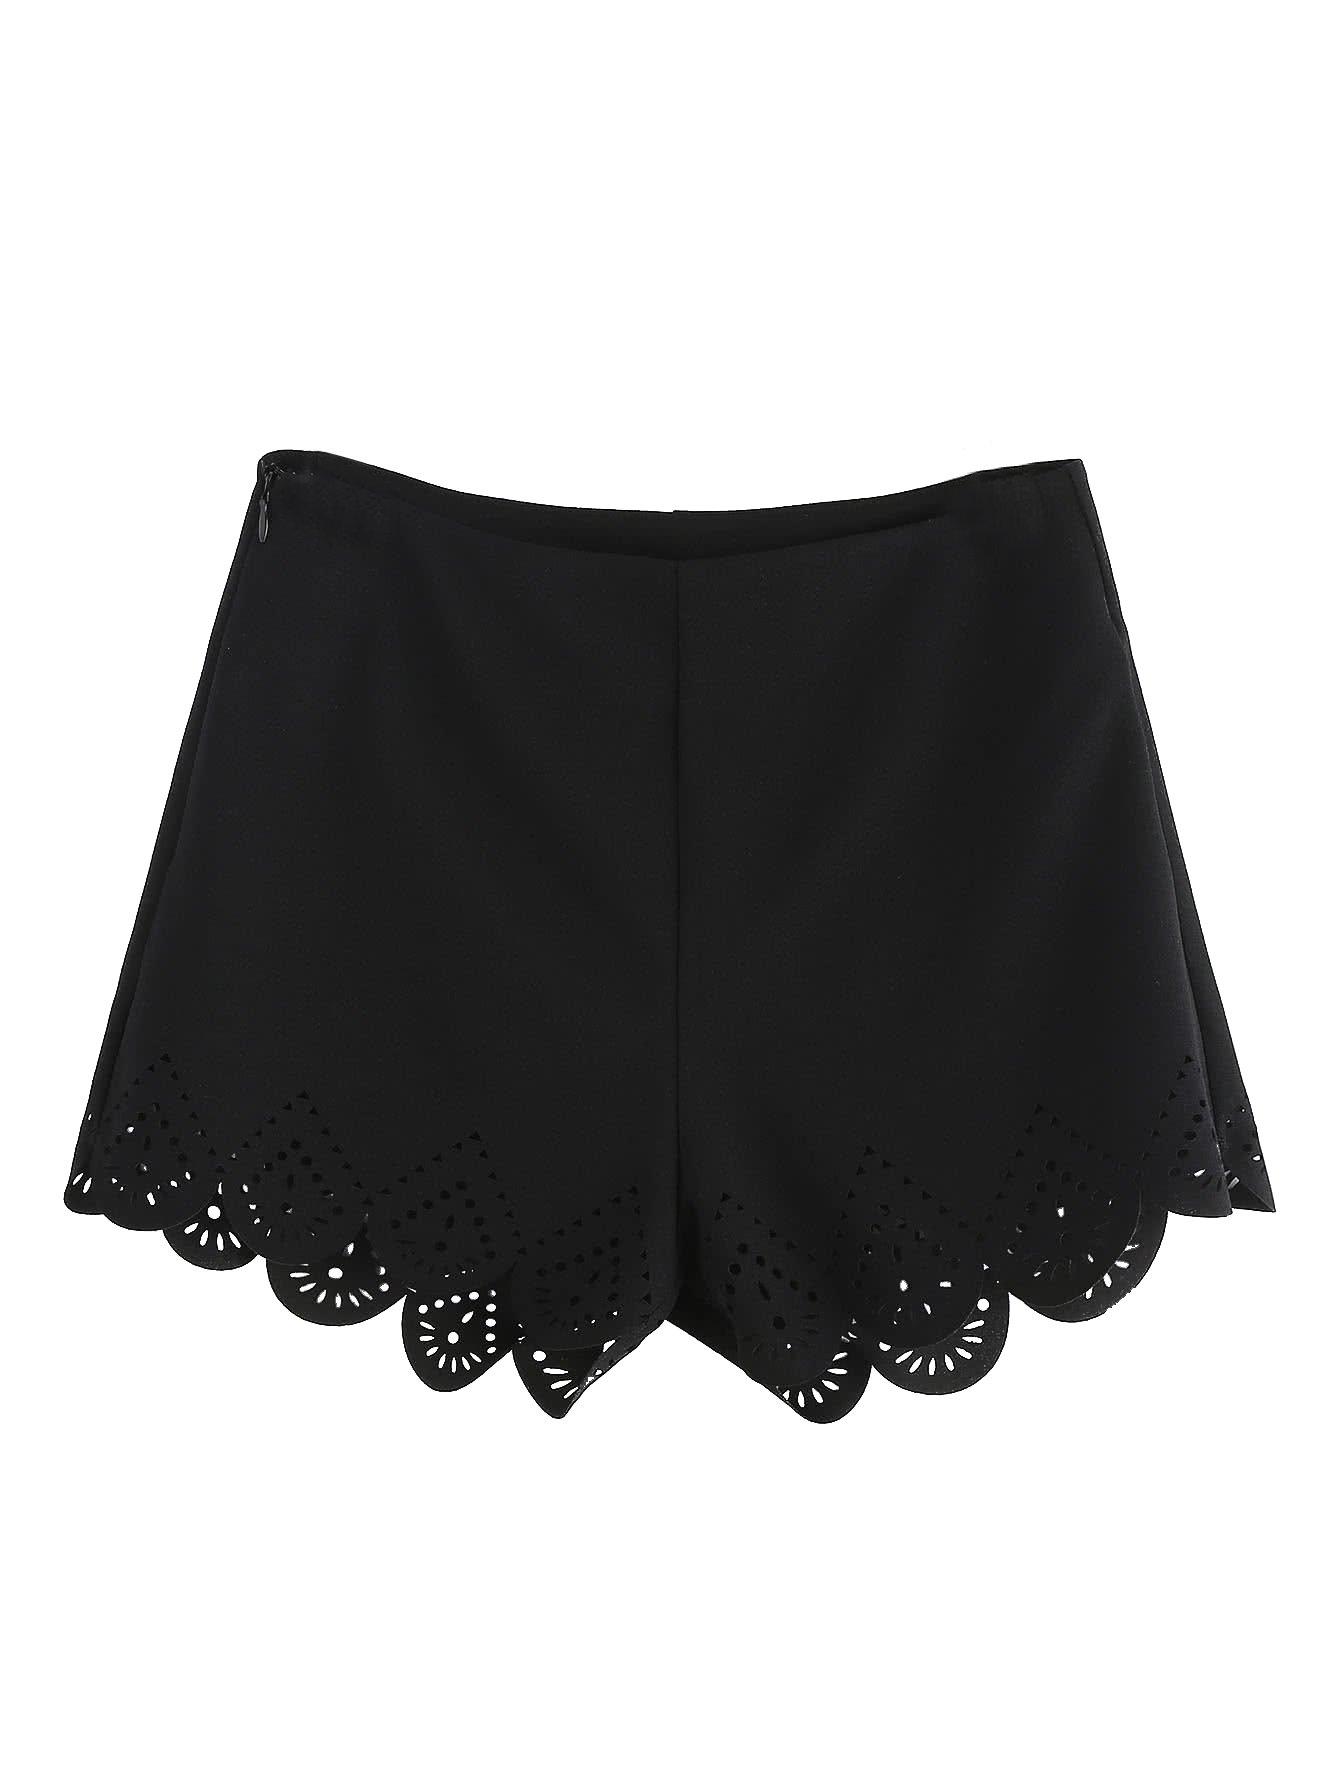 Floerns Women's Summer Mid Waist Zip Scallop Hem Shorts Black S